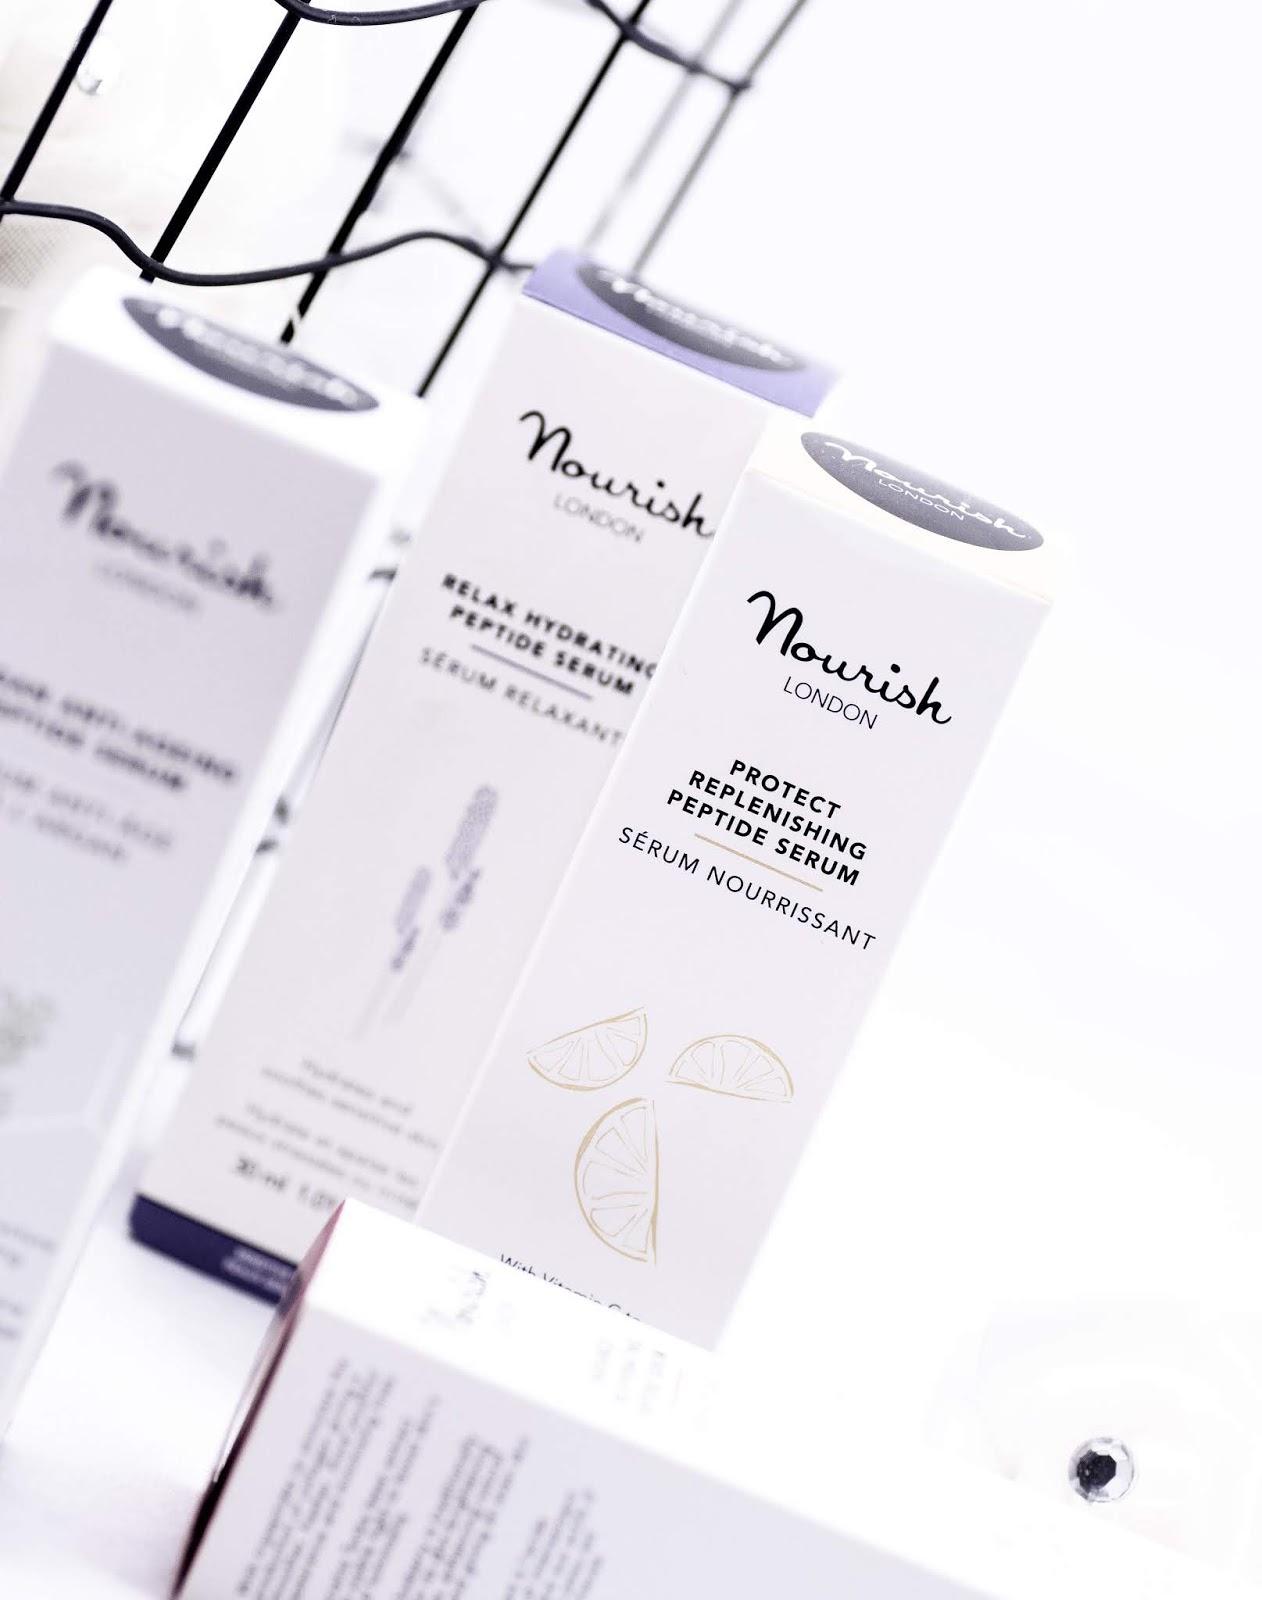 Peptydy, czym są i dlaczego warto ich szukać? Przegląd produktów marki Nourish.